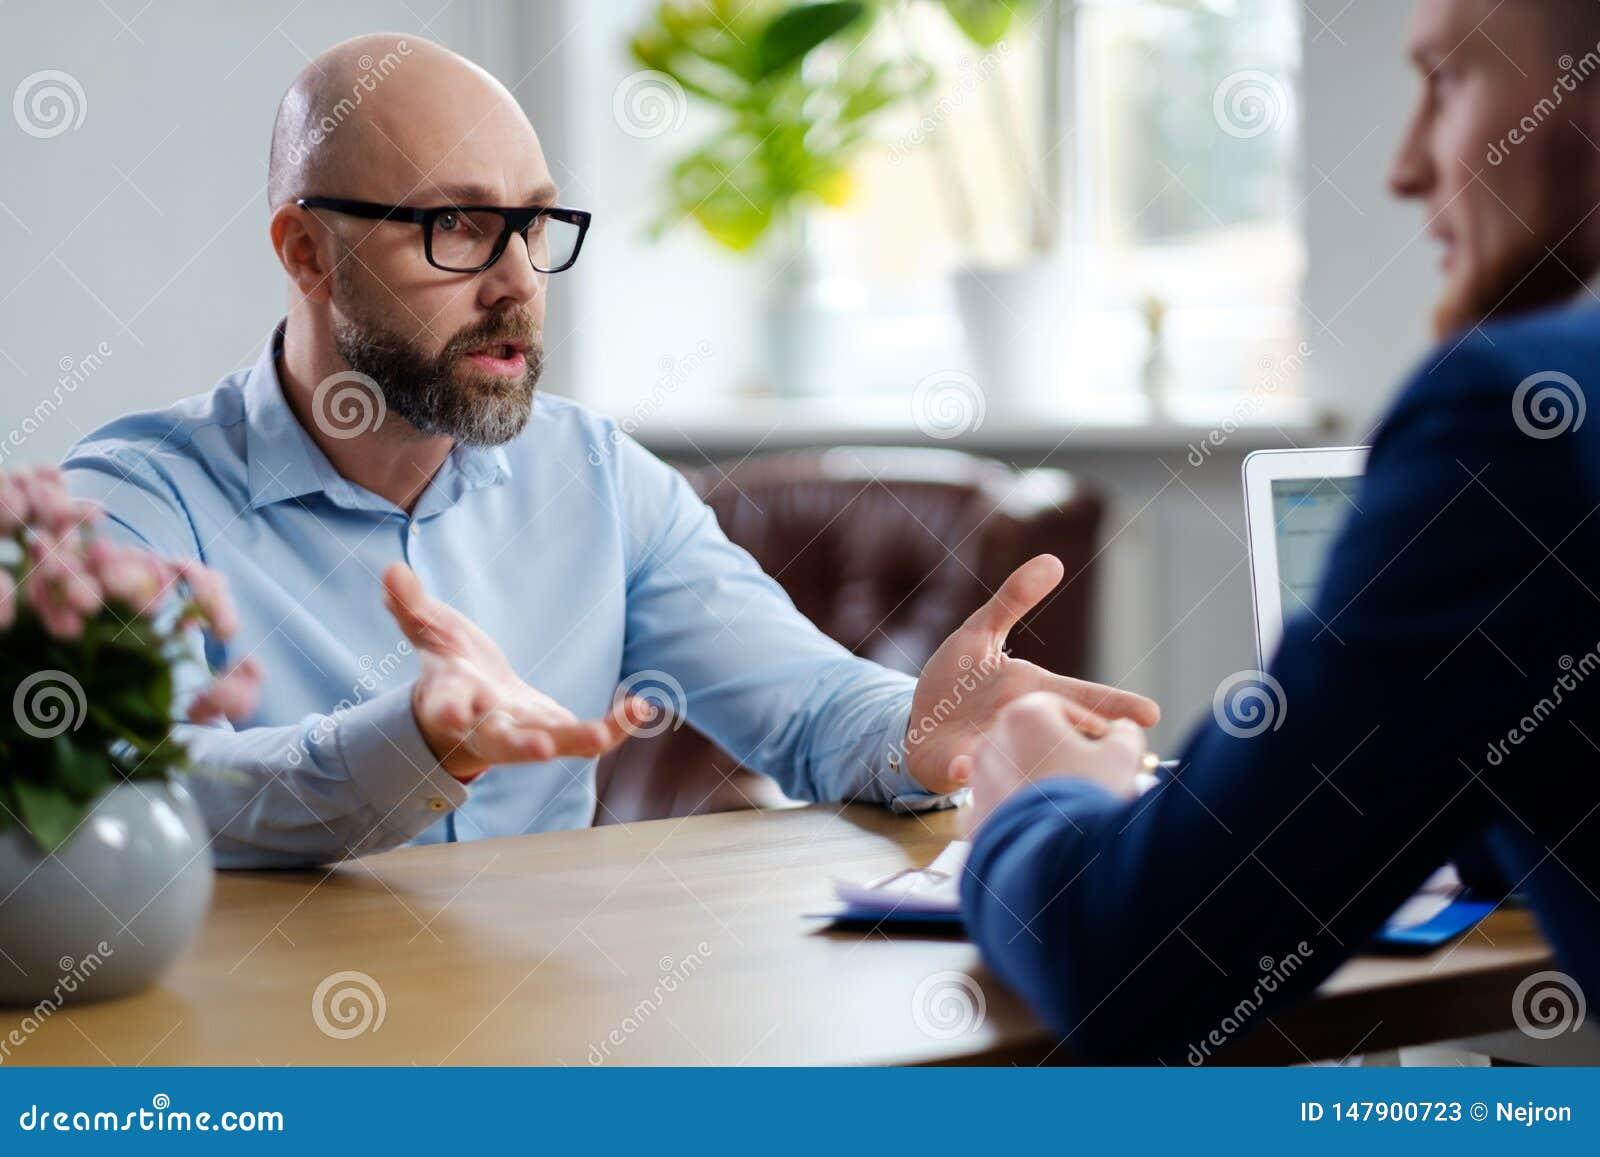 Hombre de mediana edad que asiste a entrevista de trabajo